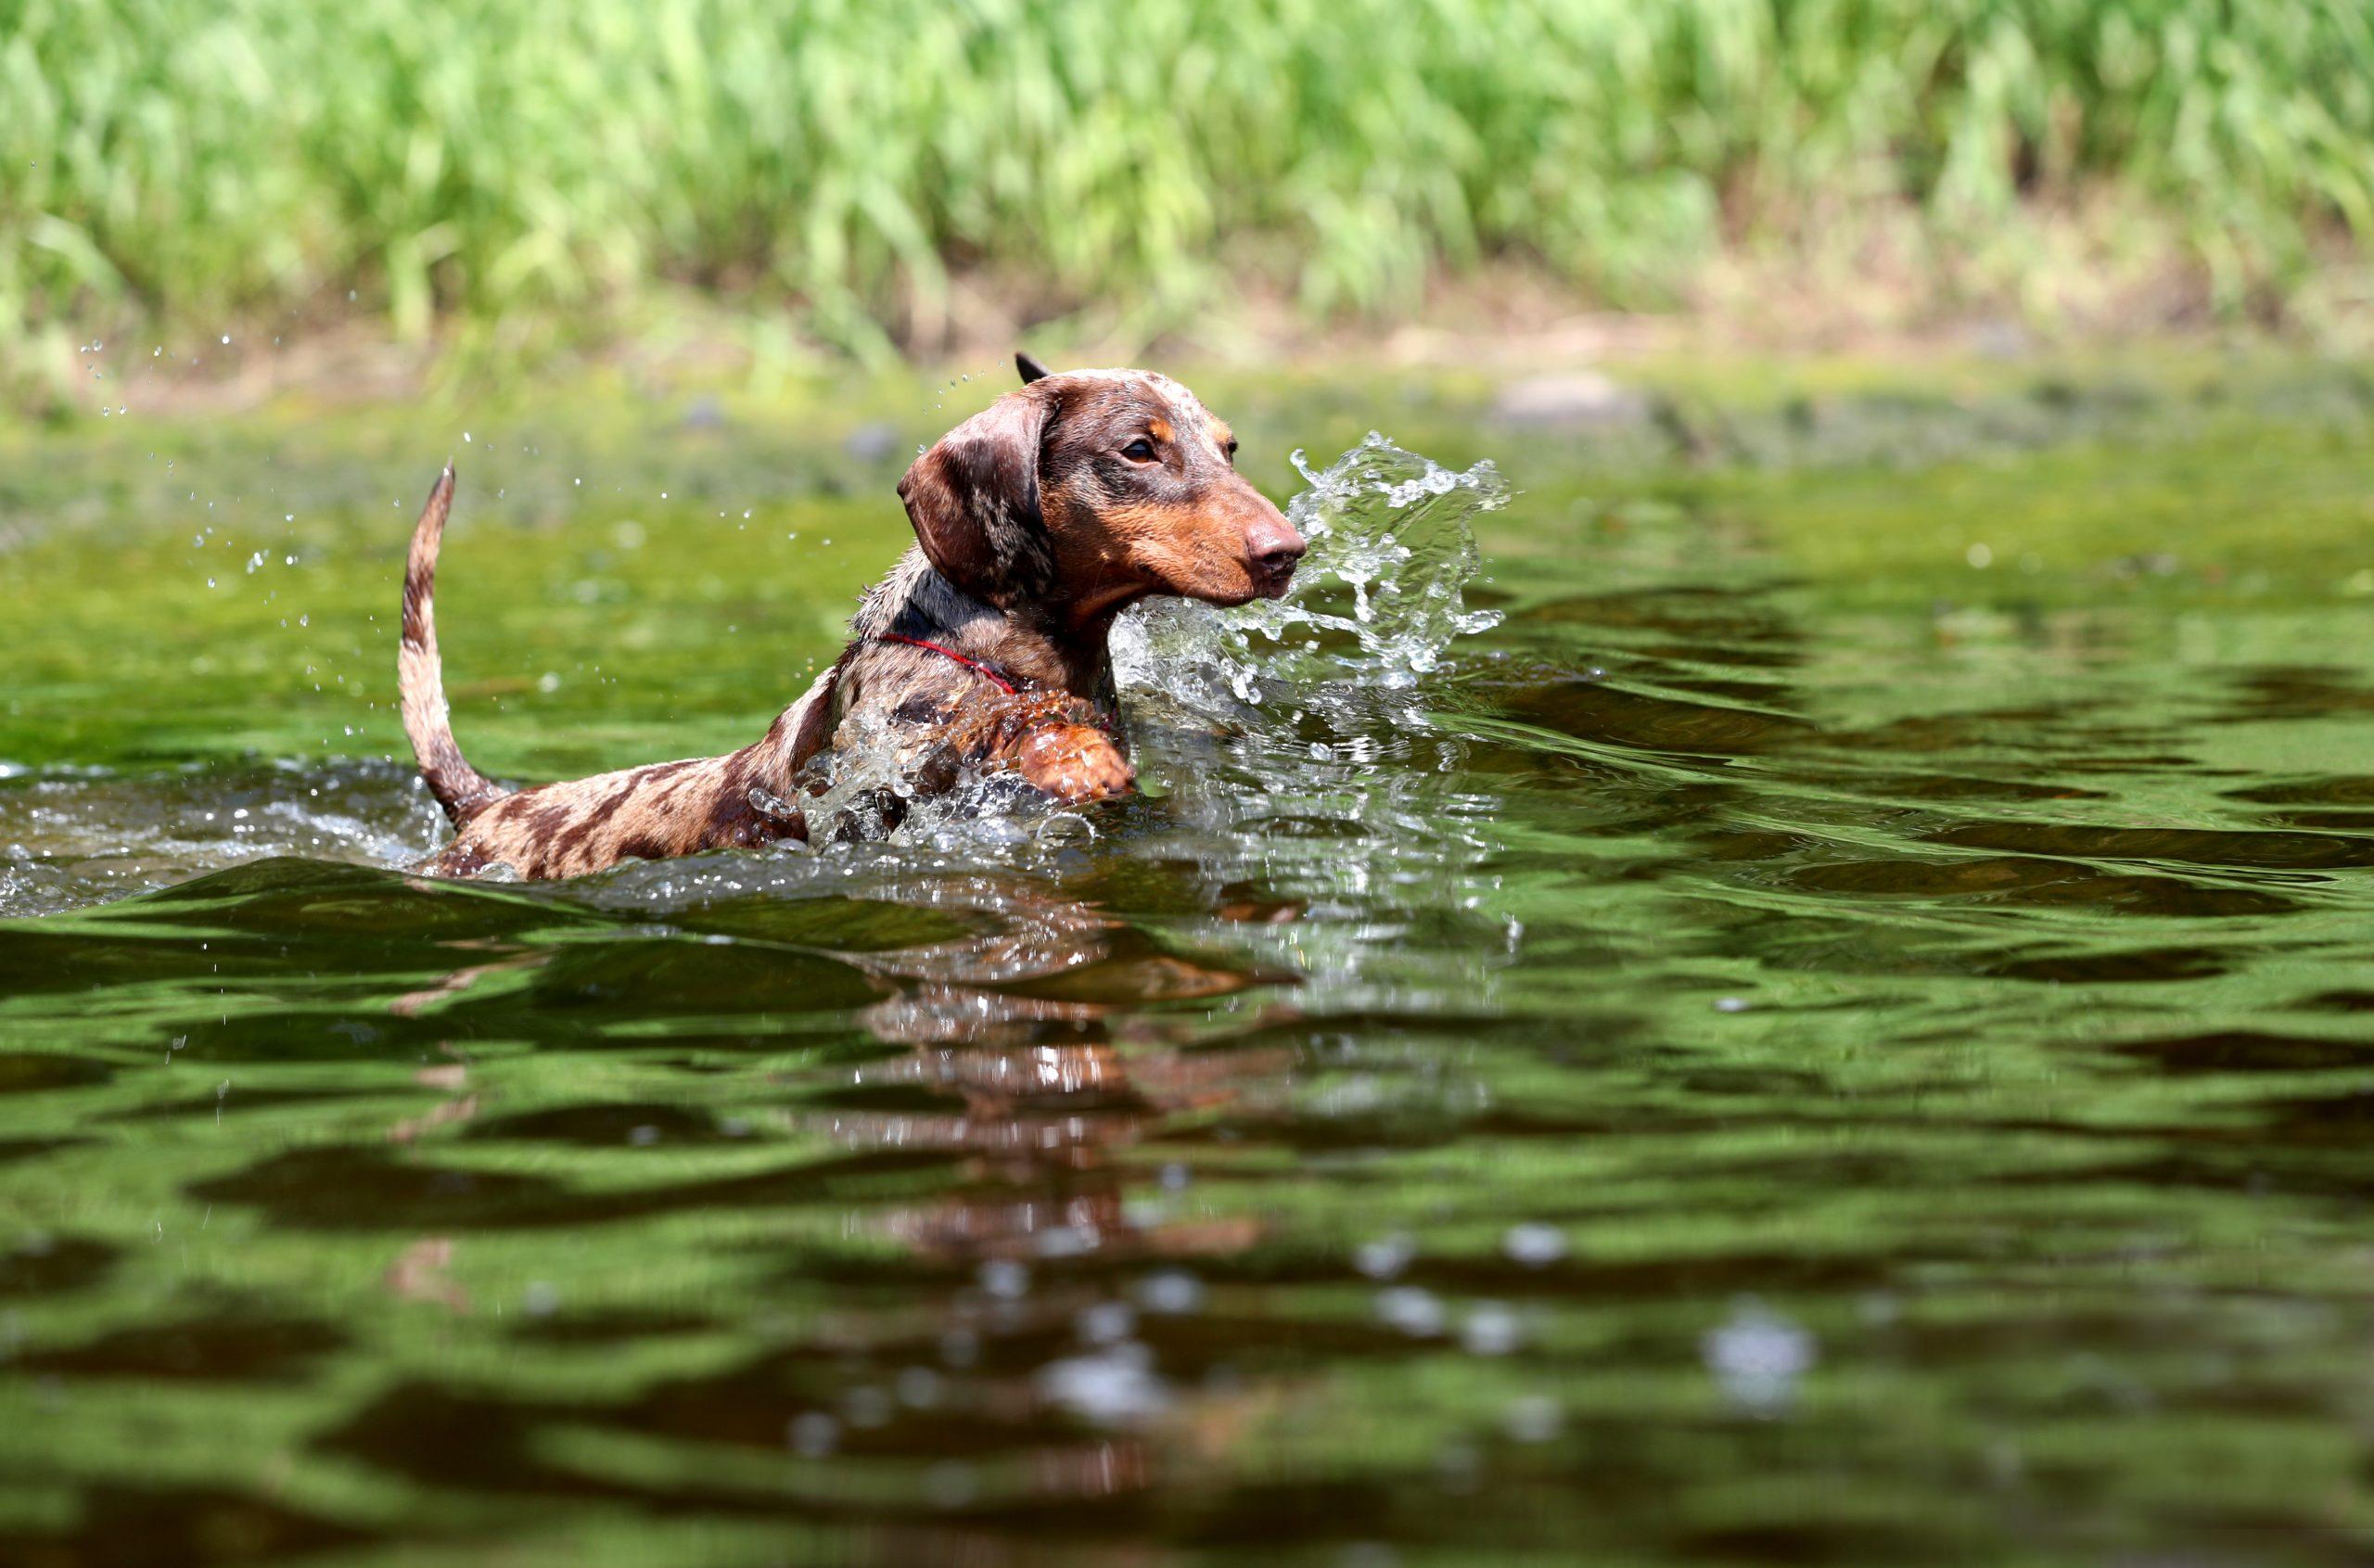 zwemmen teckel